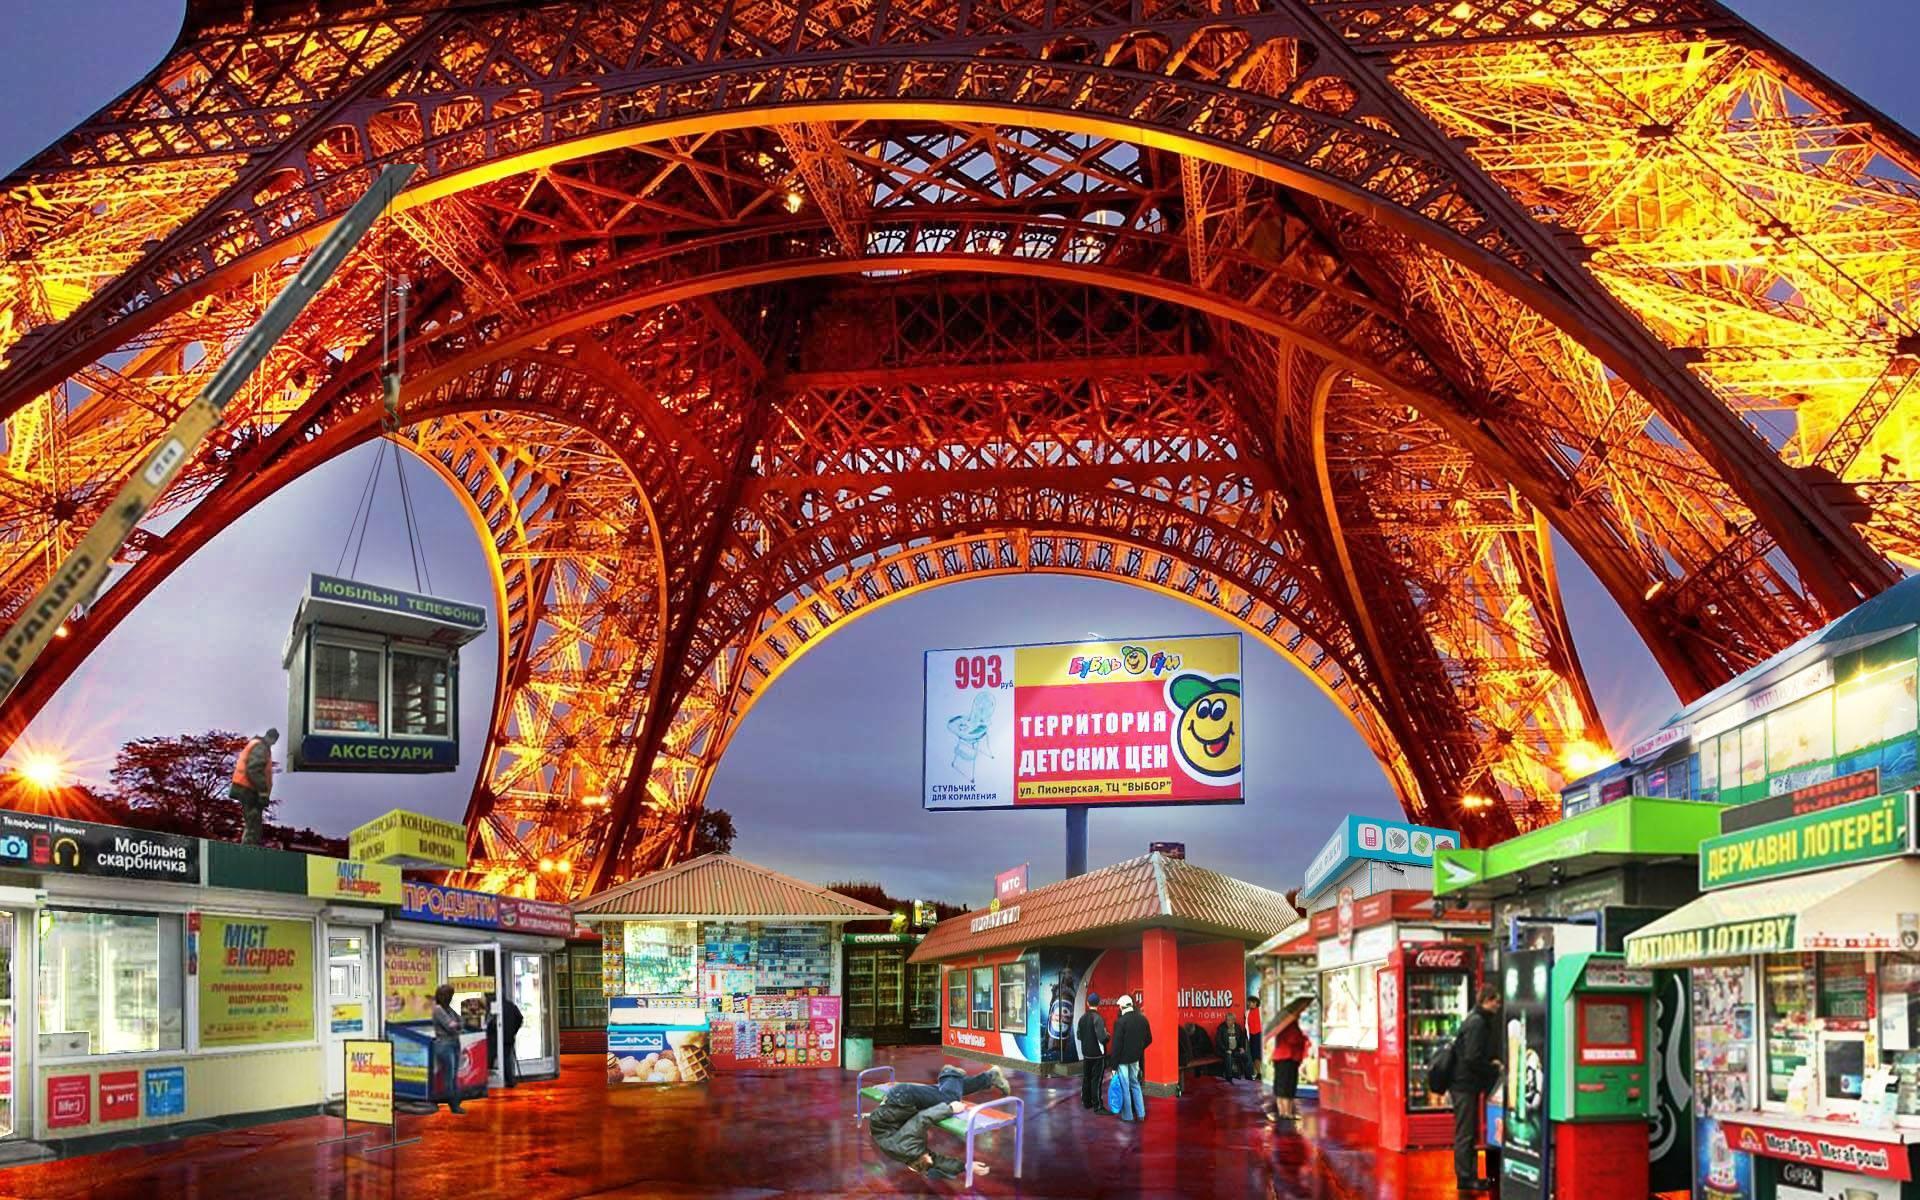 Как выглядят города Европы с МАФами